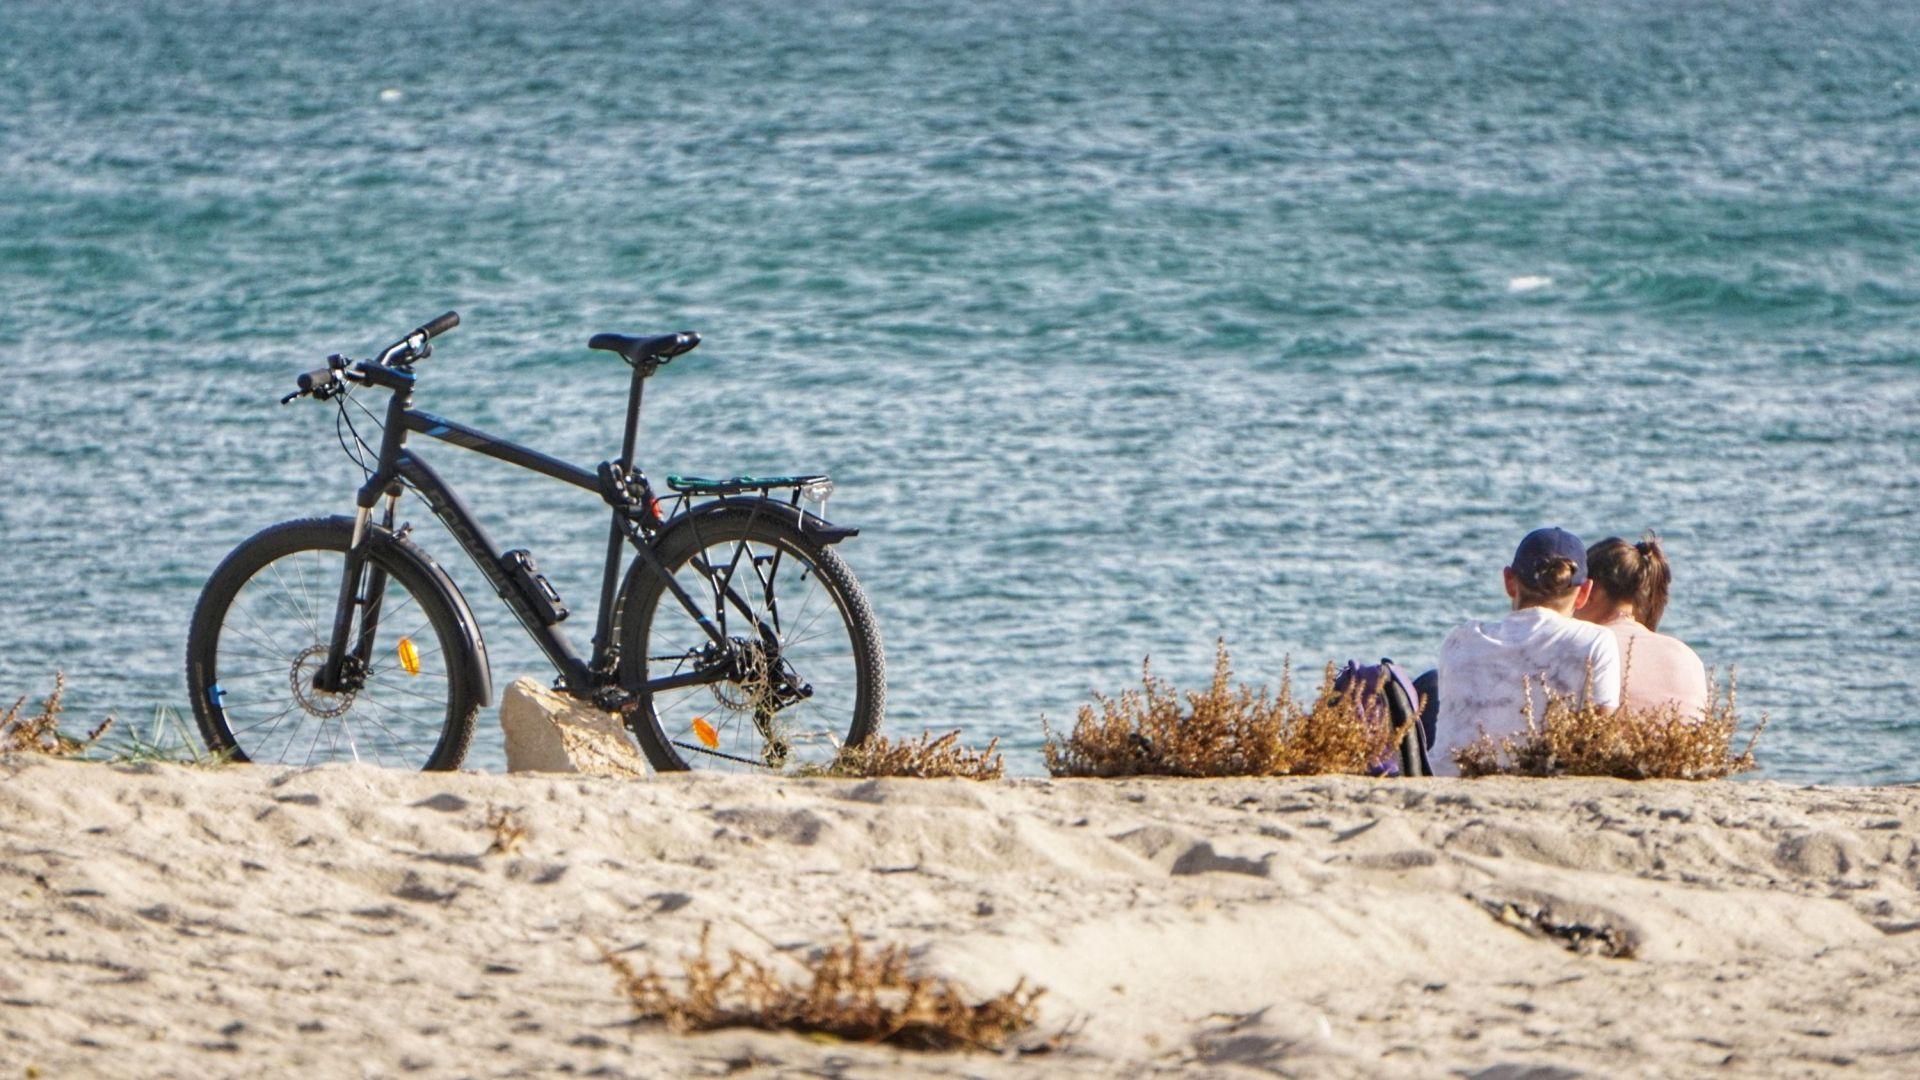 Температурен рекорд във Варна, местните се радват на слънцето на плажа (снимки)